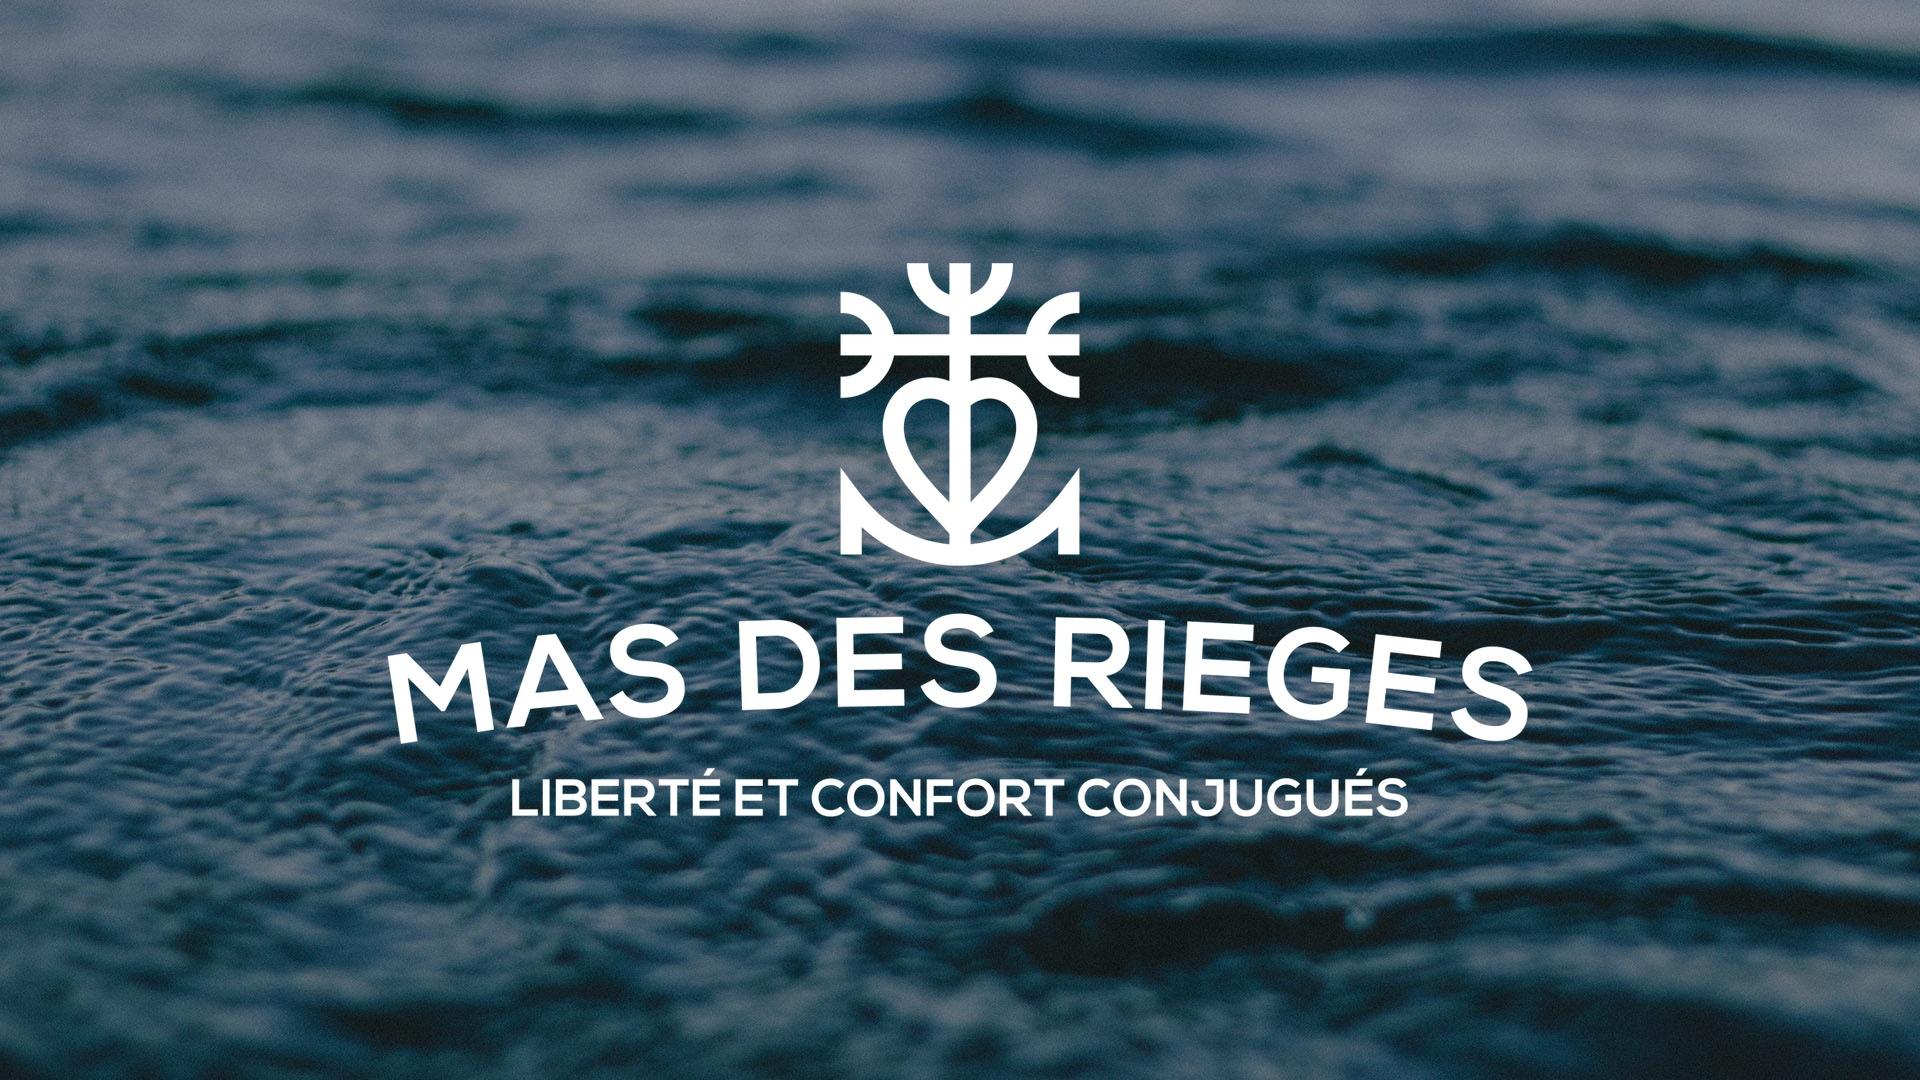 MAS DES RIEGES & SPA